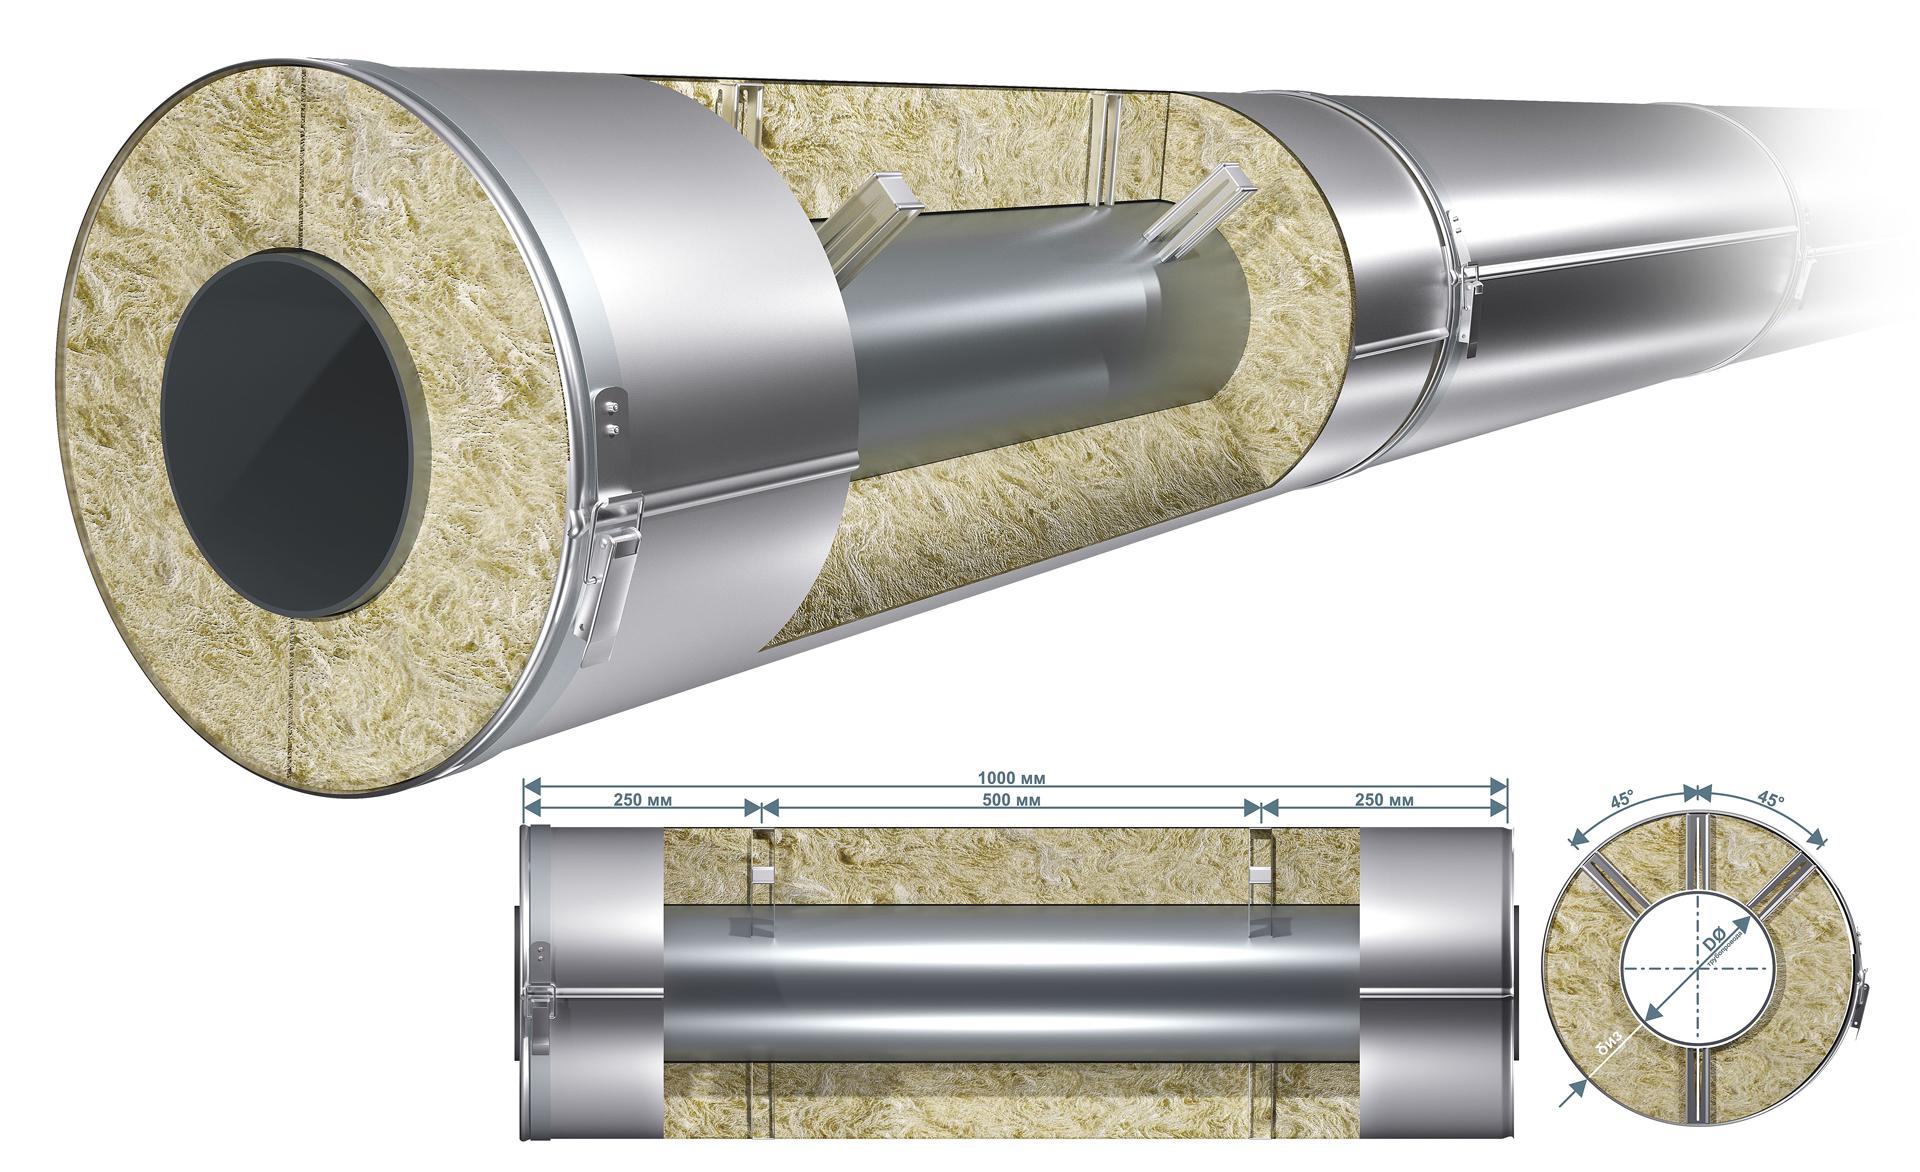 опорные скобы на теплоизоляционной конструкции